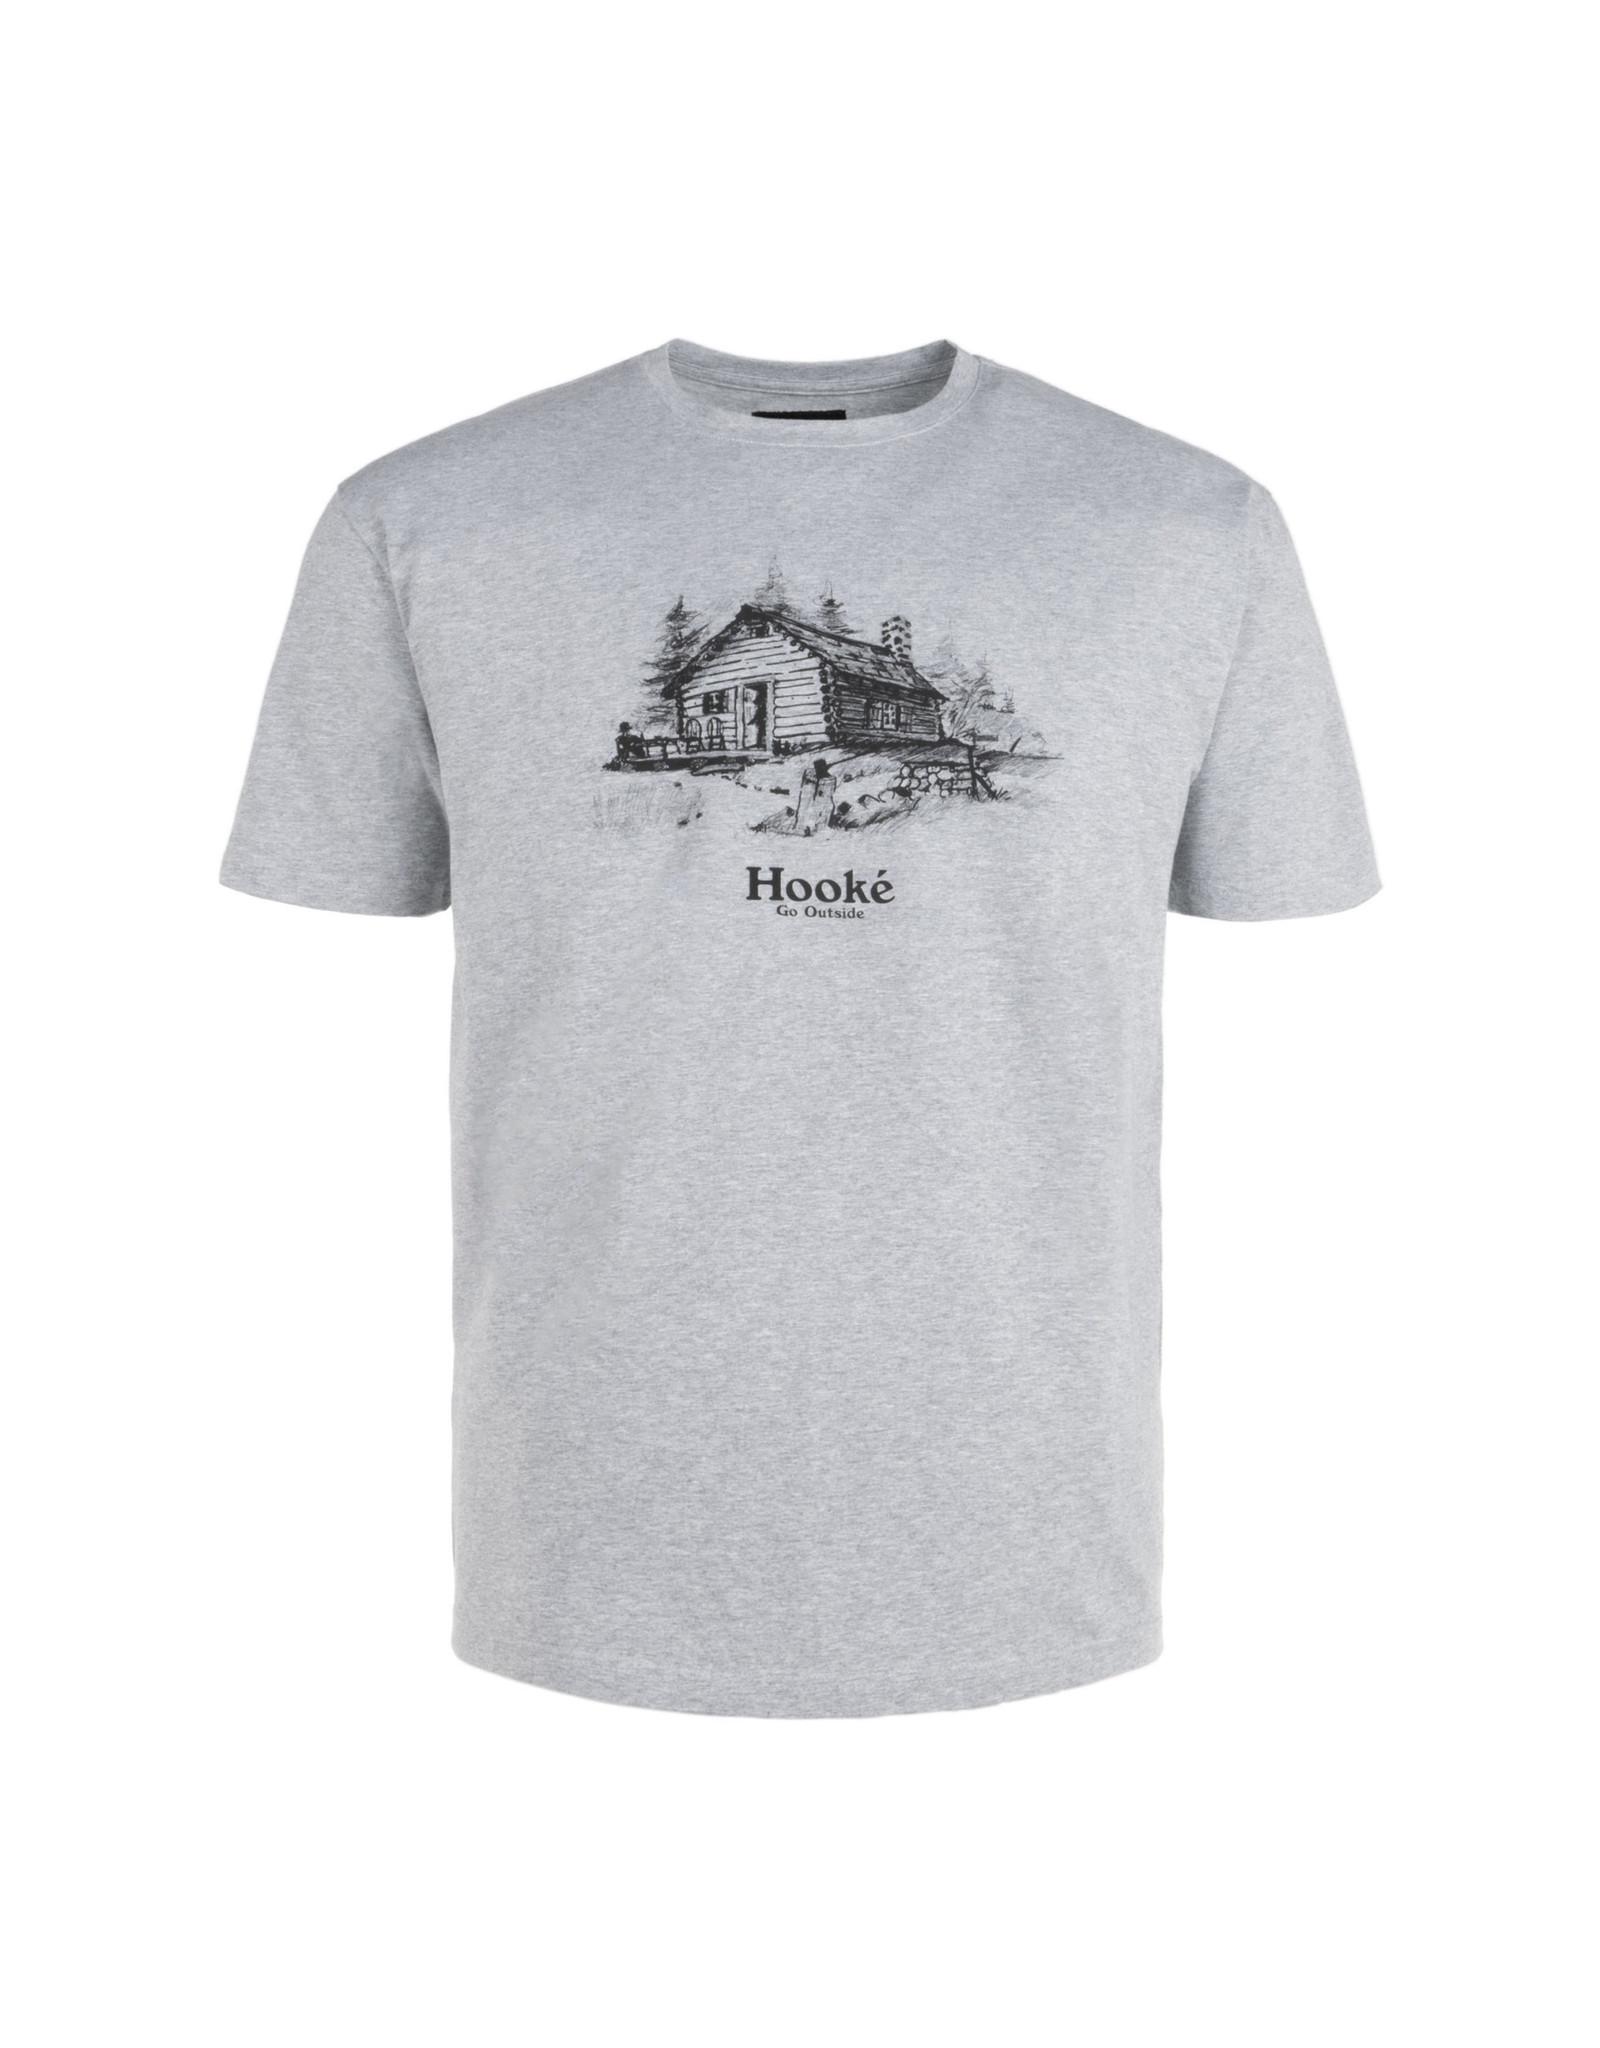 Hooké Hooké Homestead T-Shirt